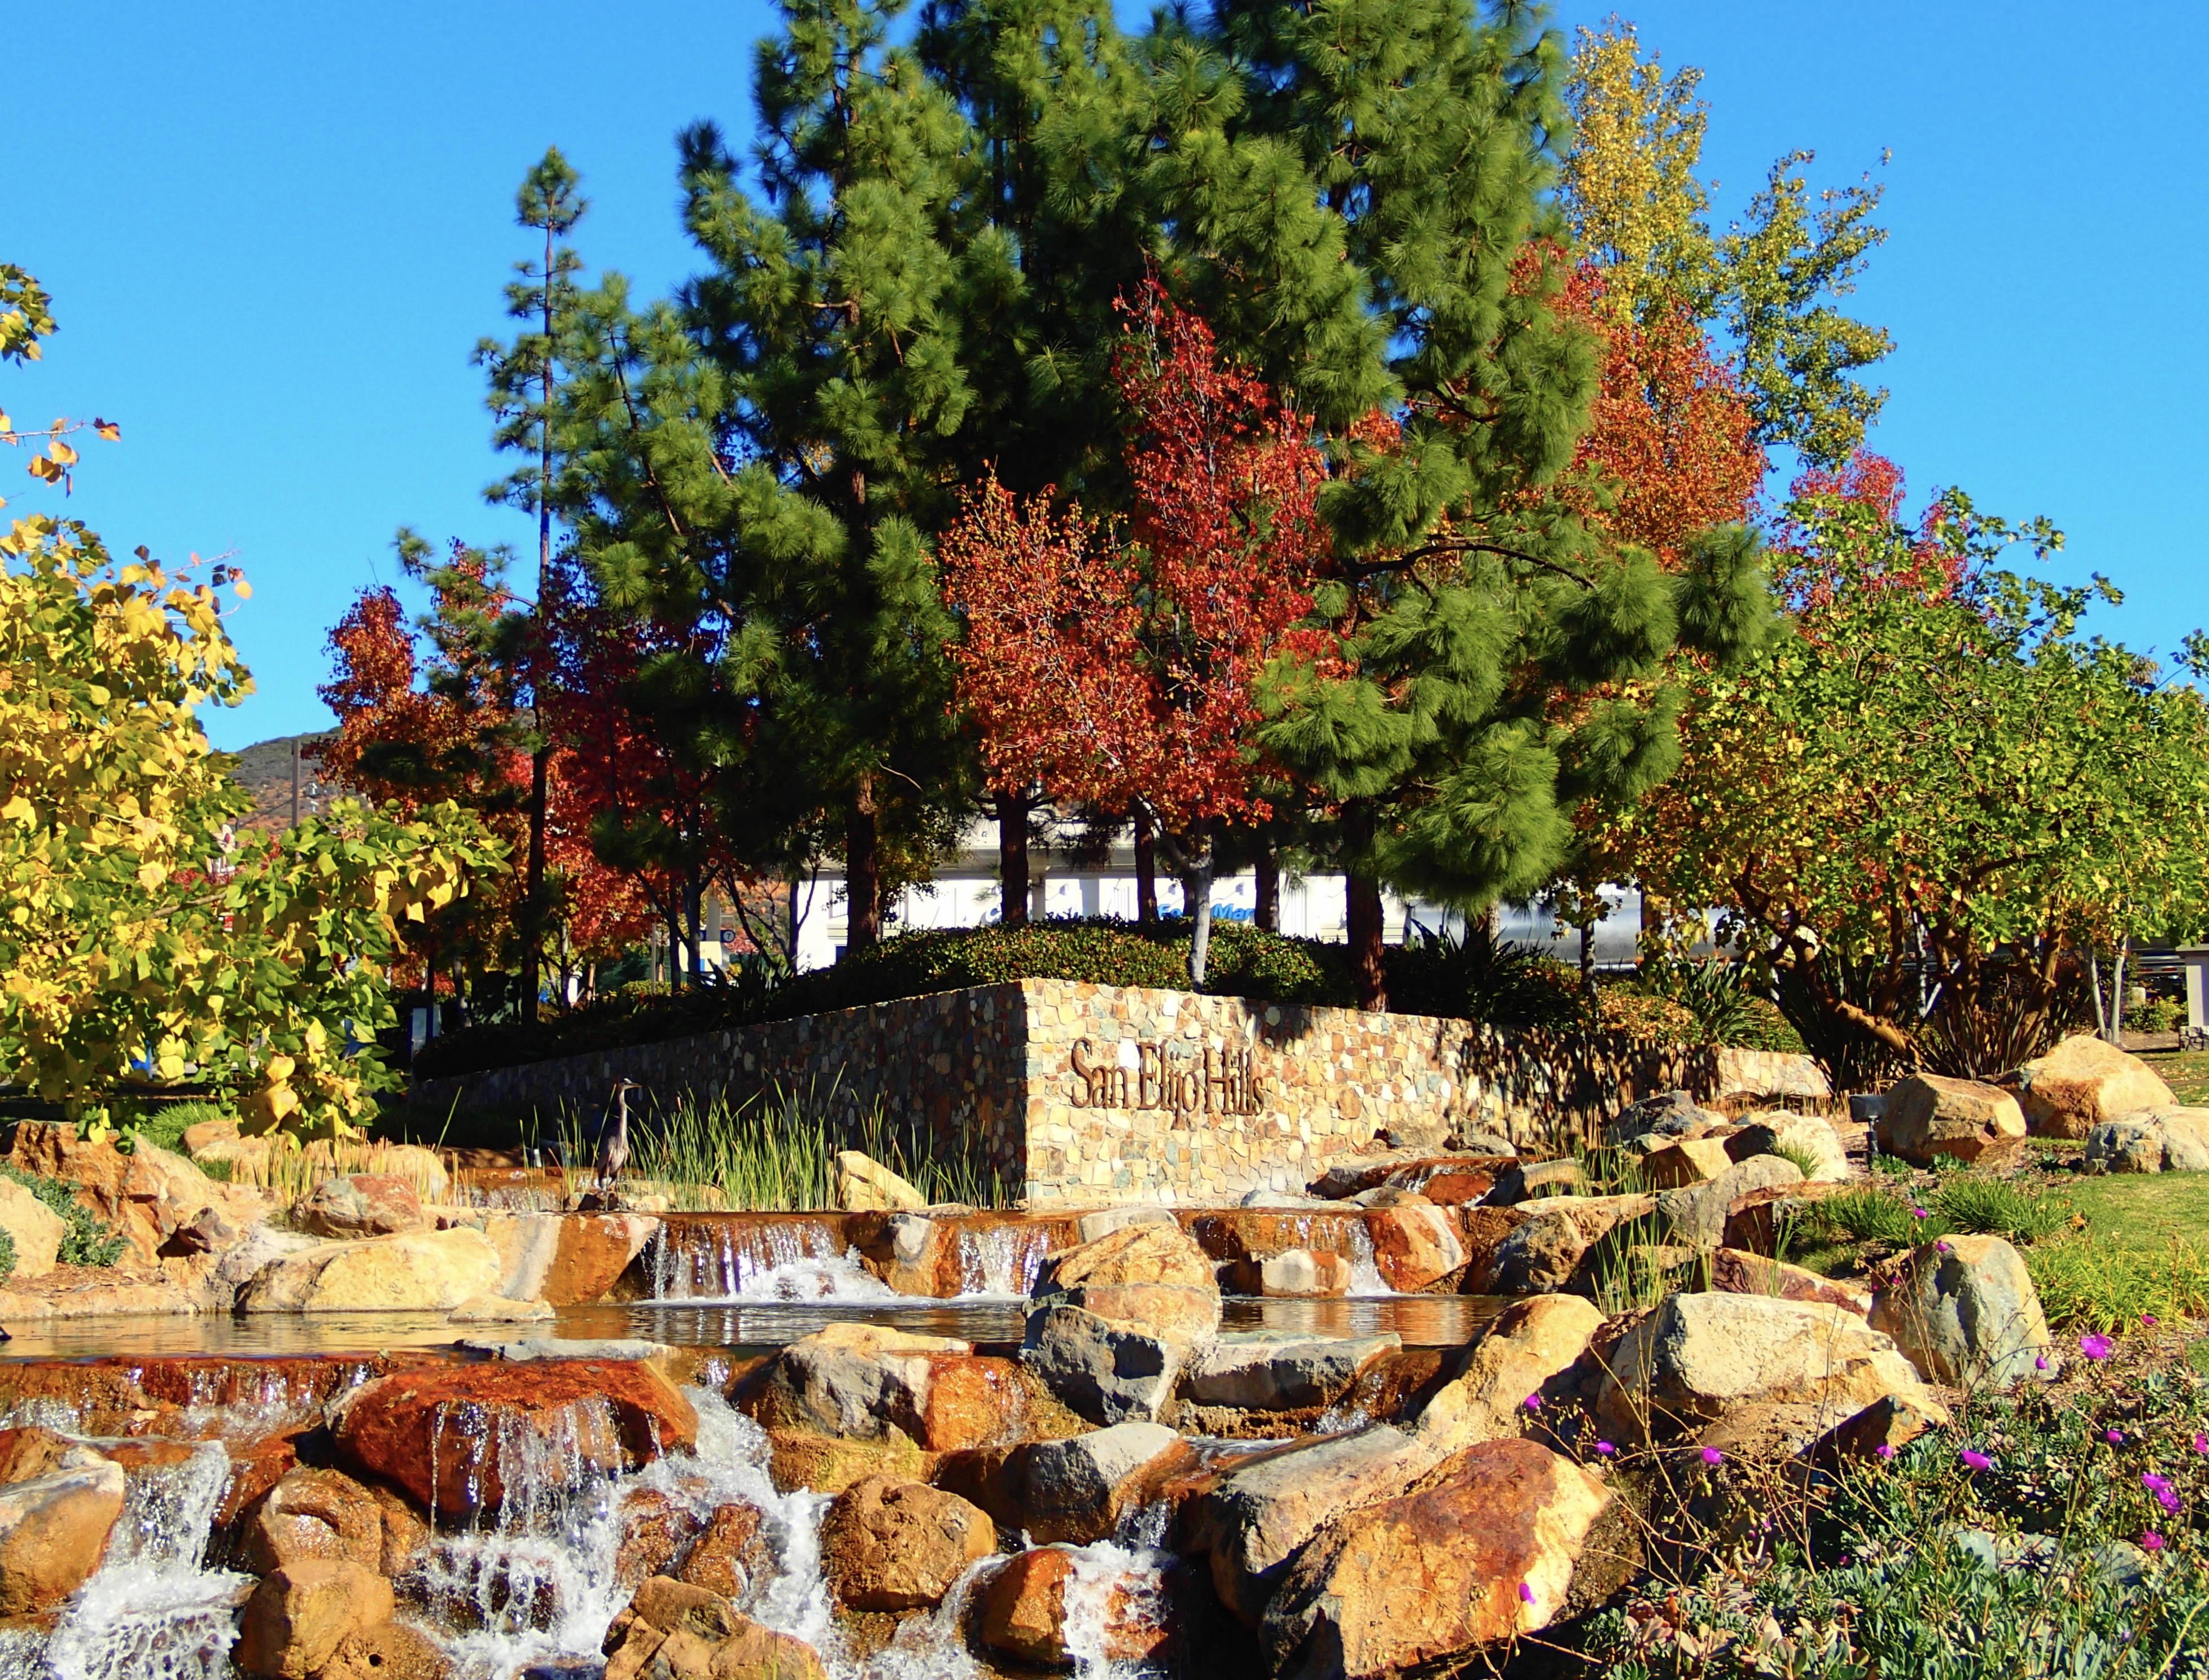 San Elijo Hills Real Estate for sale